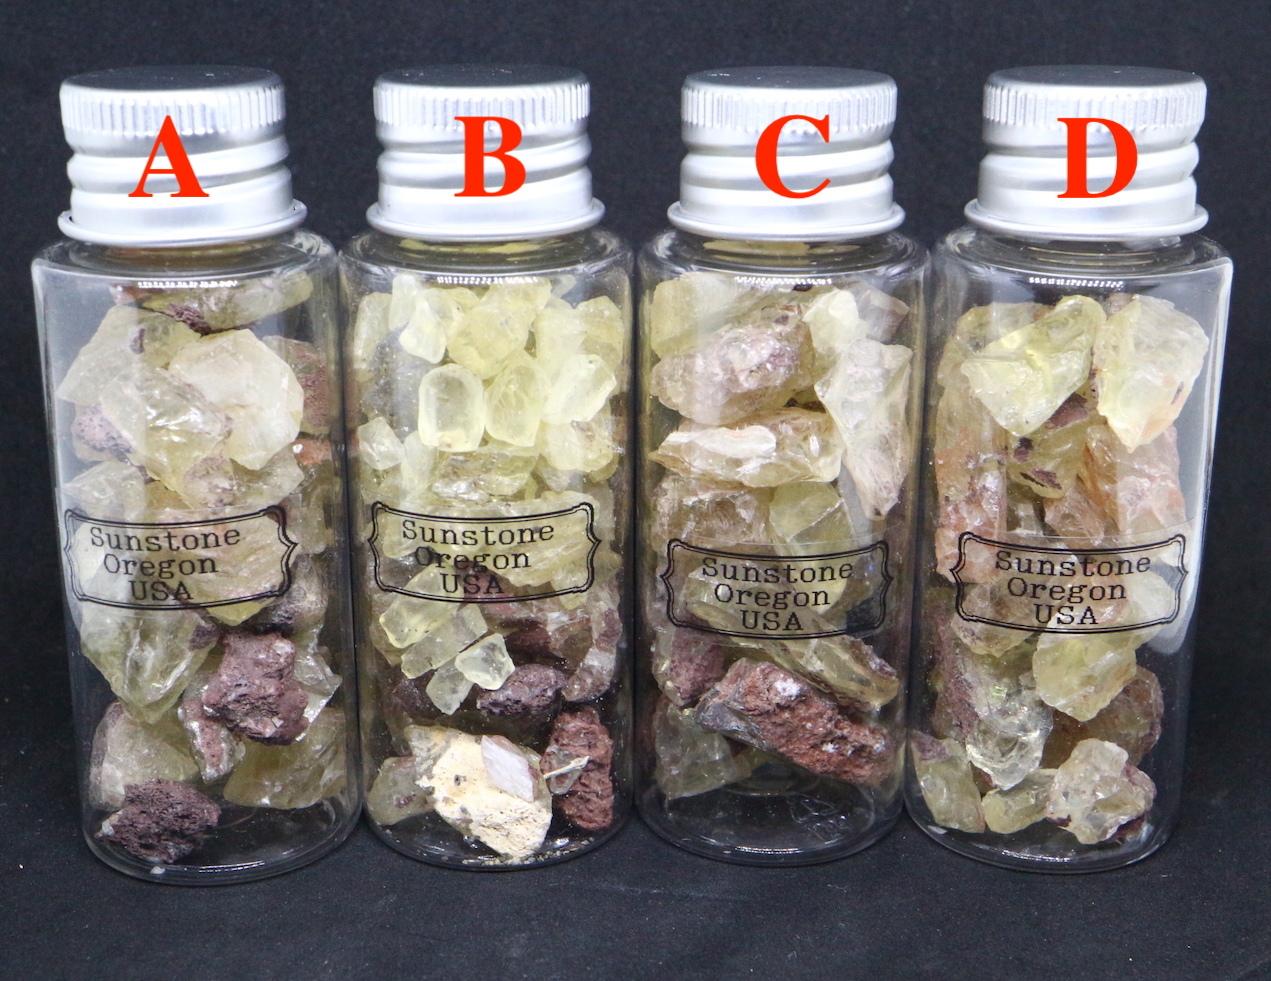 超お買い得!【鉱物標本セット】サンストーン オレゴン州産 ボトル 瓶詰め SUN043-046 原石 宝石 天然石 鉱物セット